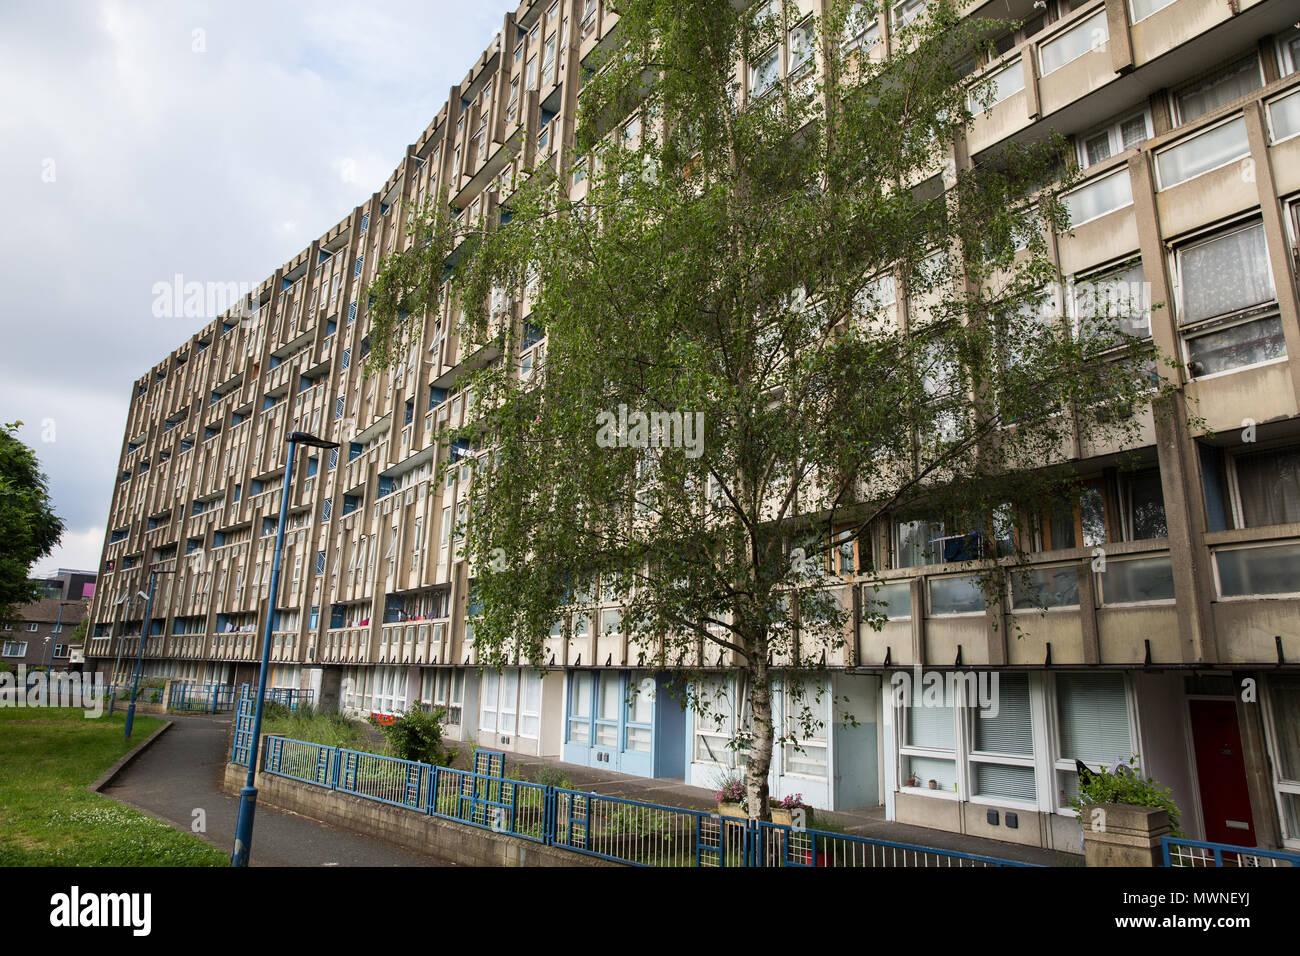 London, UK. 1st June, 2018. The Robin Hood Gardens social housing ...